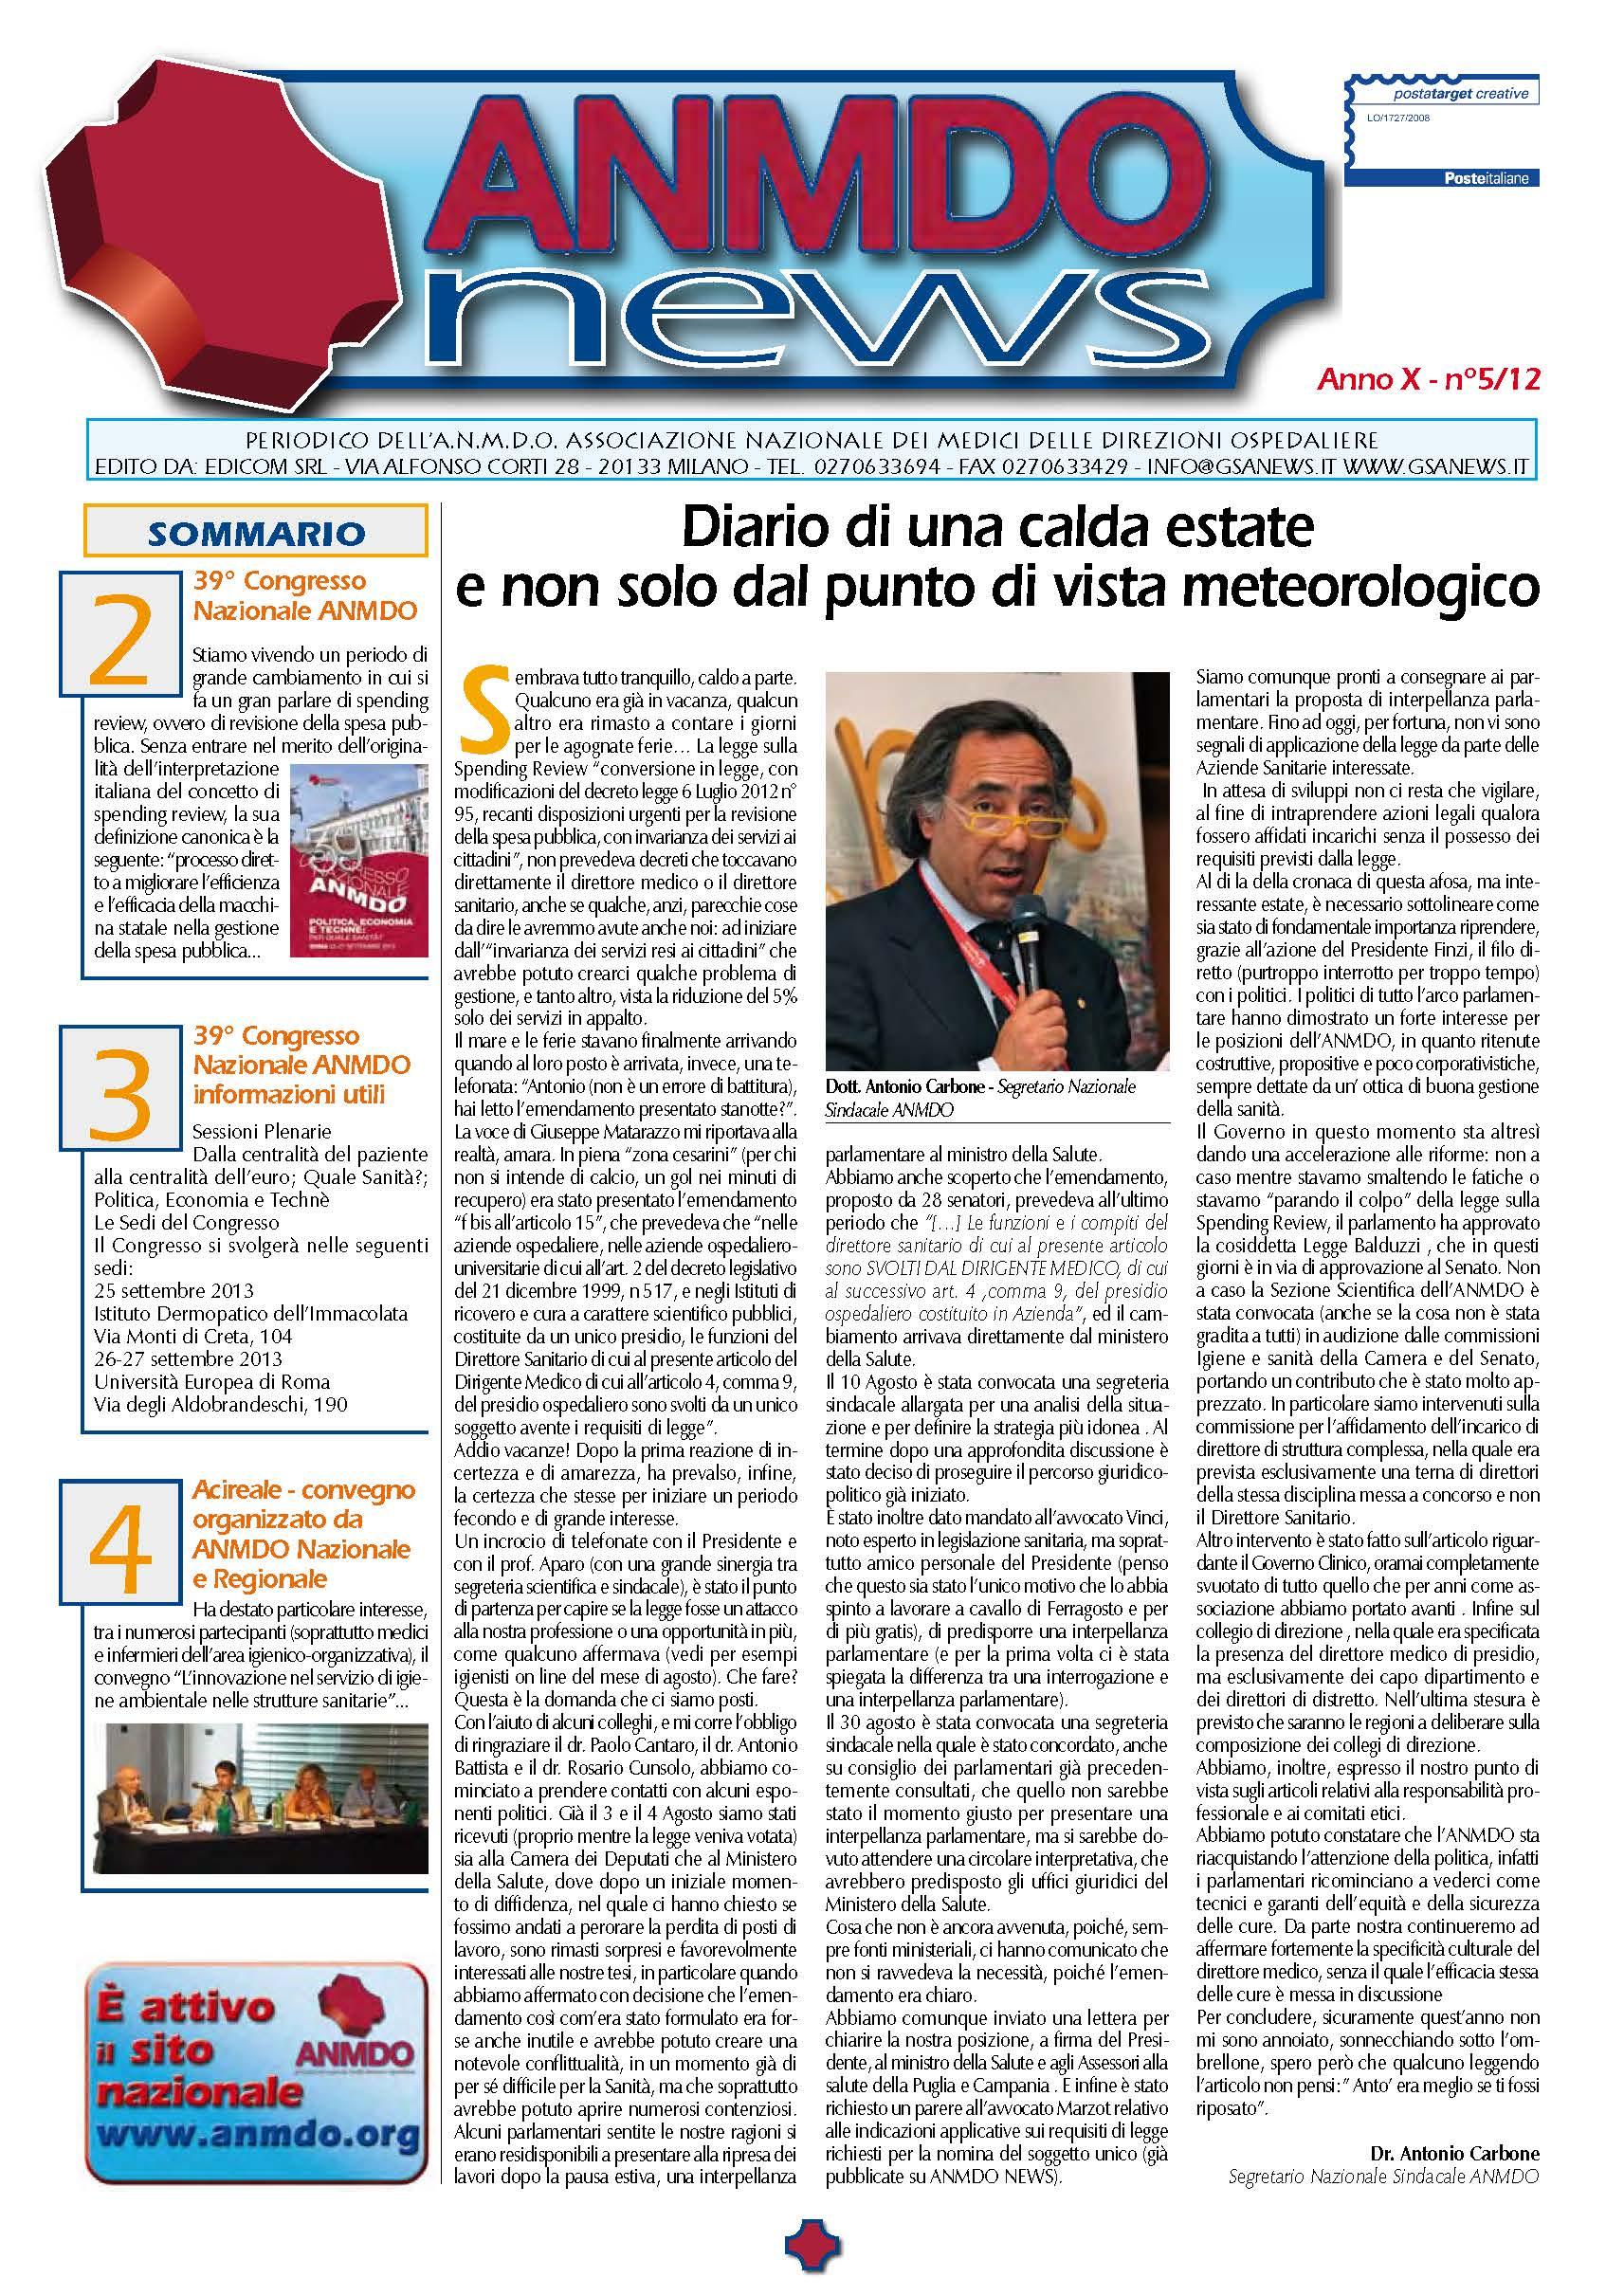 pagine-da-anmdonews_5_12